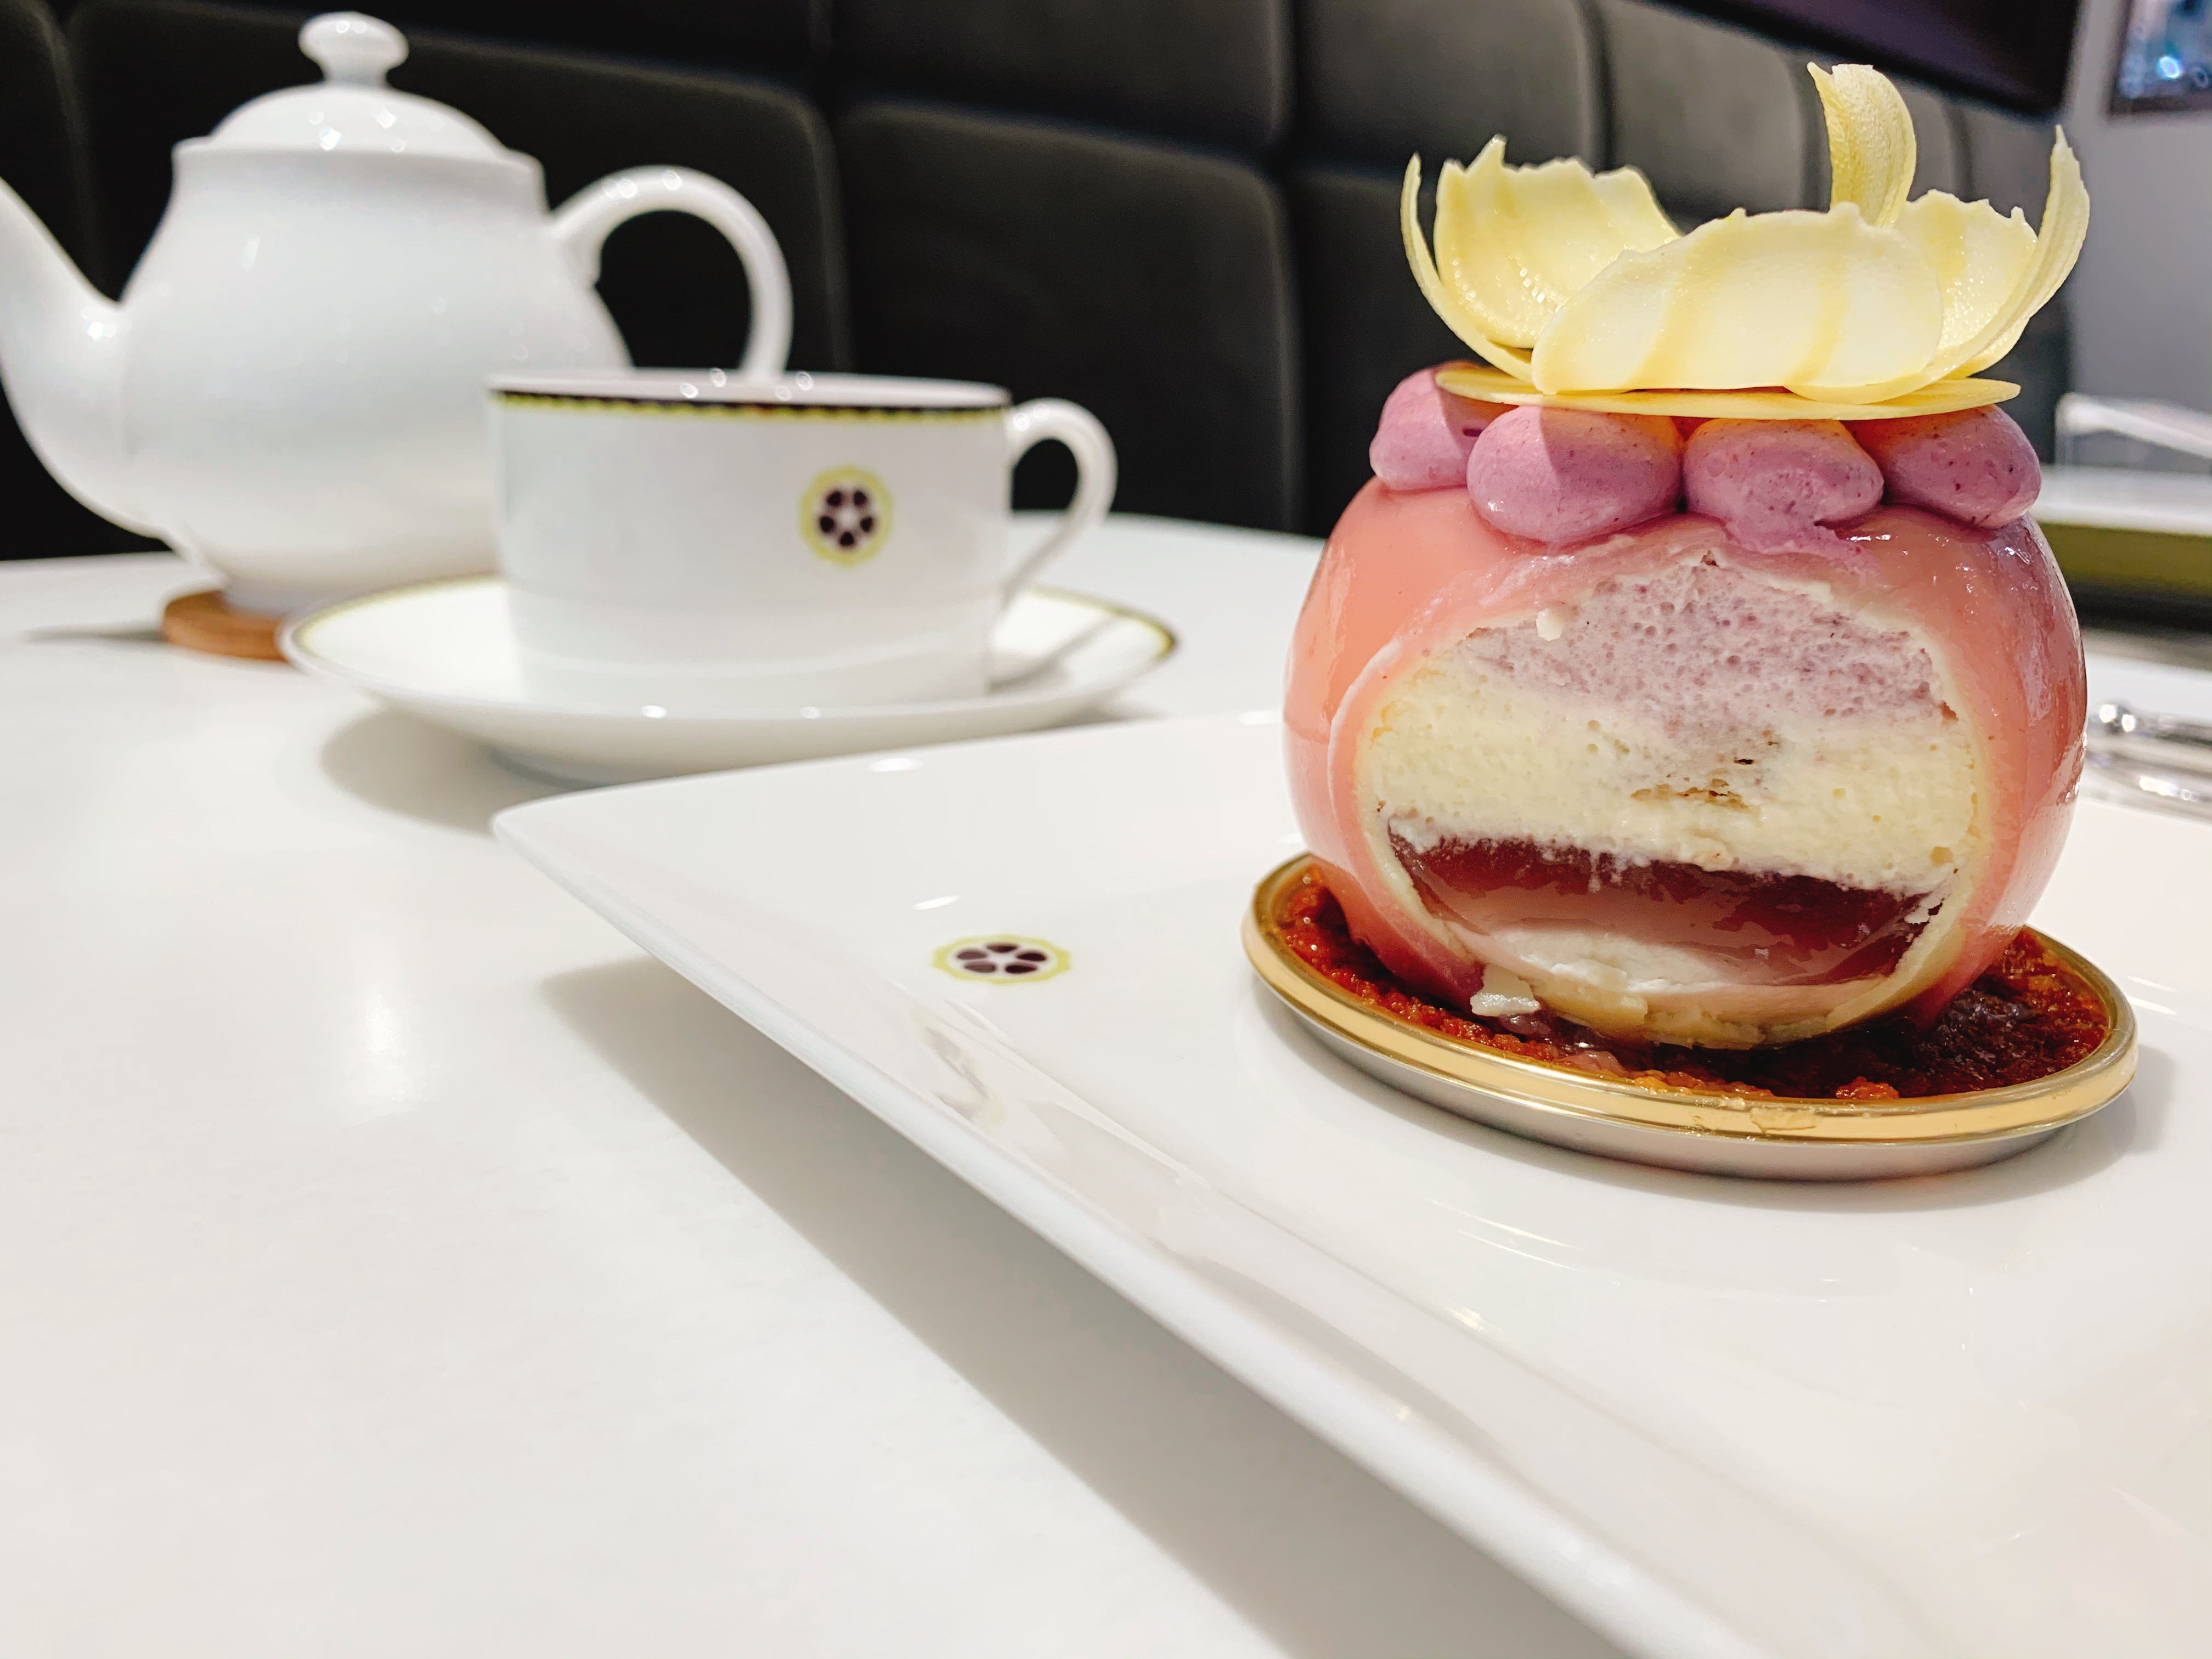 【おすすめカフェ】有名ショコラティエの《花ひらくケーキ》が美しく美味しすぎる♡_6